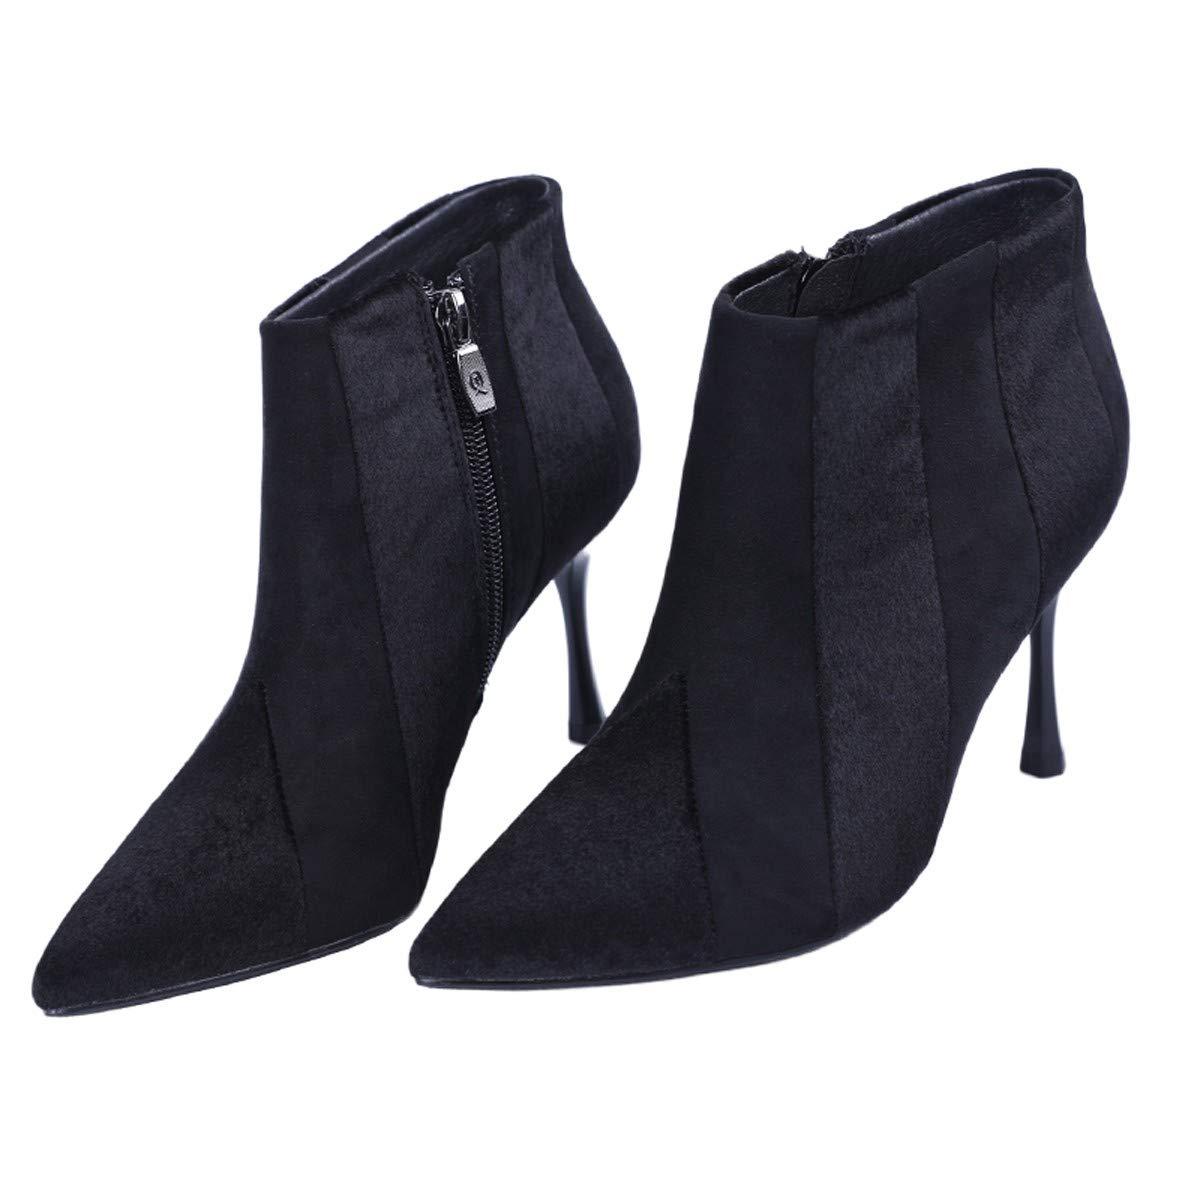 LBTSQ-Sexy Zusammenfügen Dünn Dünner Stiefel 8Cm Temperament Kurz Darauf Stiefel High Heels Ma Dingxue.